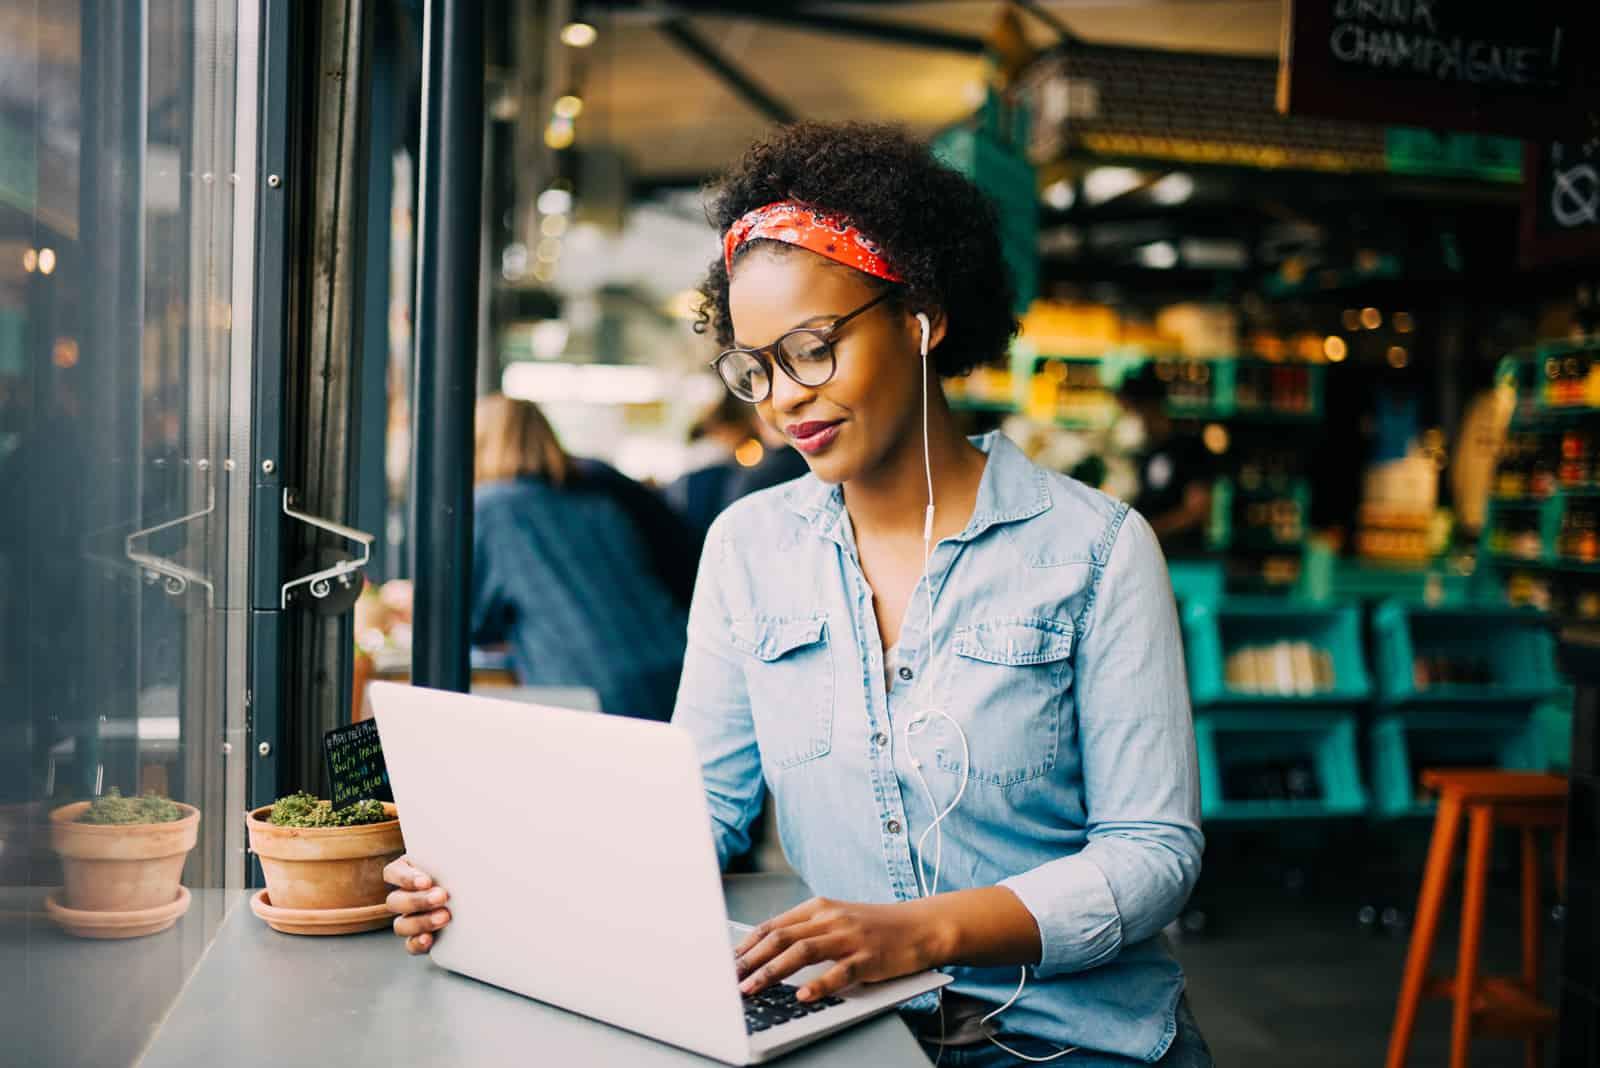 Une femme aux cheveux crépus est assise dans un café derrière un ordinateur portable